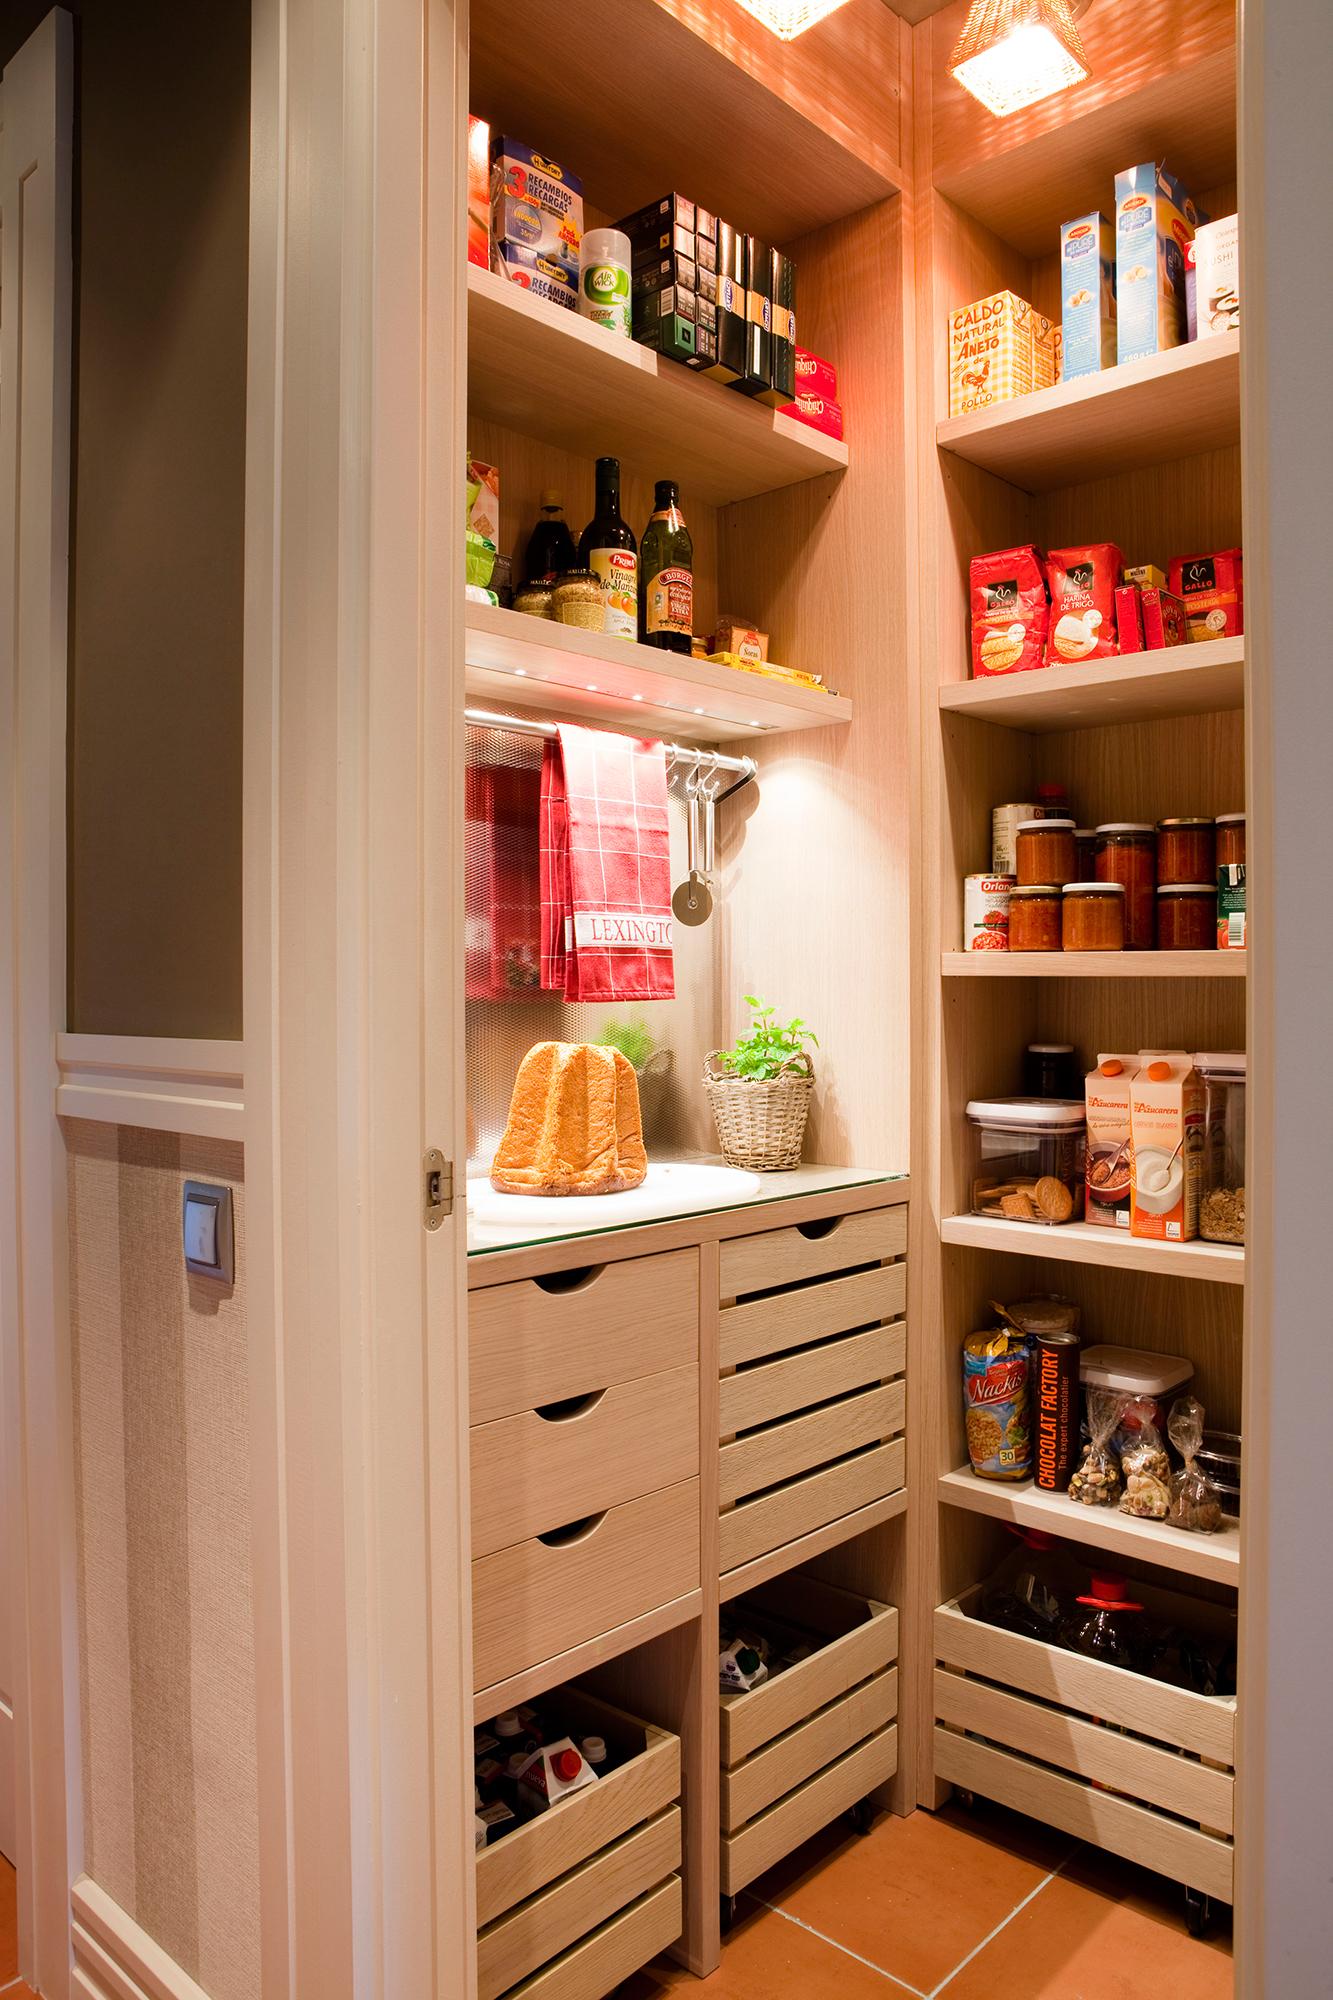 2428 Fotos de Cocinas Pagina 15